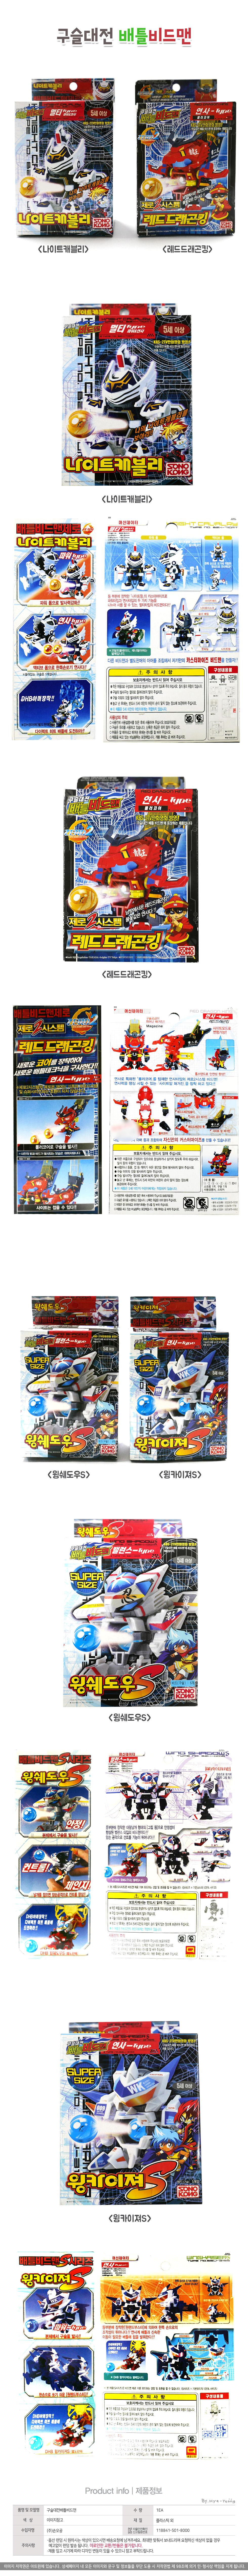 8000 구슬대전 배틀비드맨 시리즈 4종 8,000원-아트윈키덜트/취미, 장난감/게임기, 로봇/틴토이, 로봇바보사랑 8000 구슬대전 배틀비드맨 시리즈 4종 8,000원-아트윈키덜트/취미, 장난감/게임기, 로봇/틴토이, 로봇바보사랑